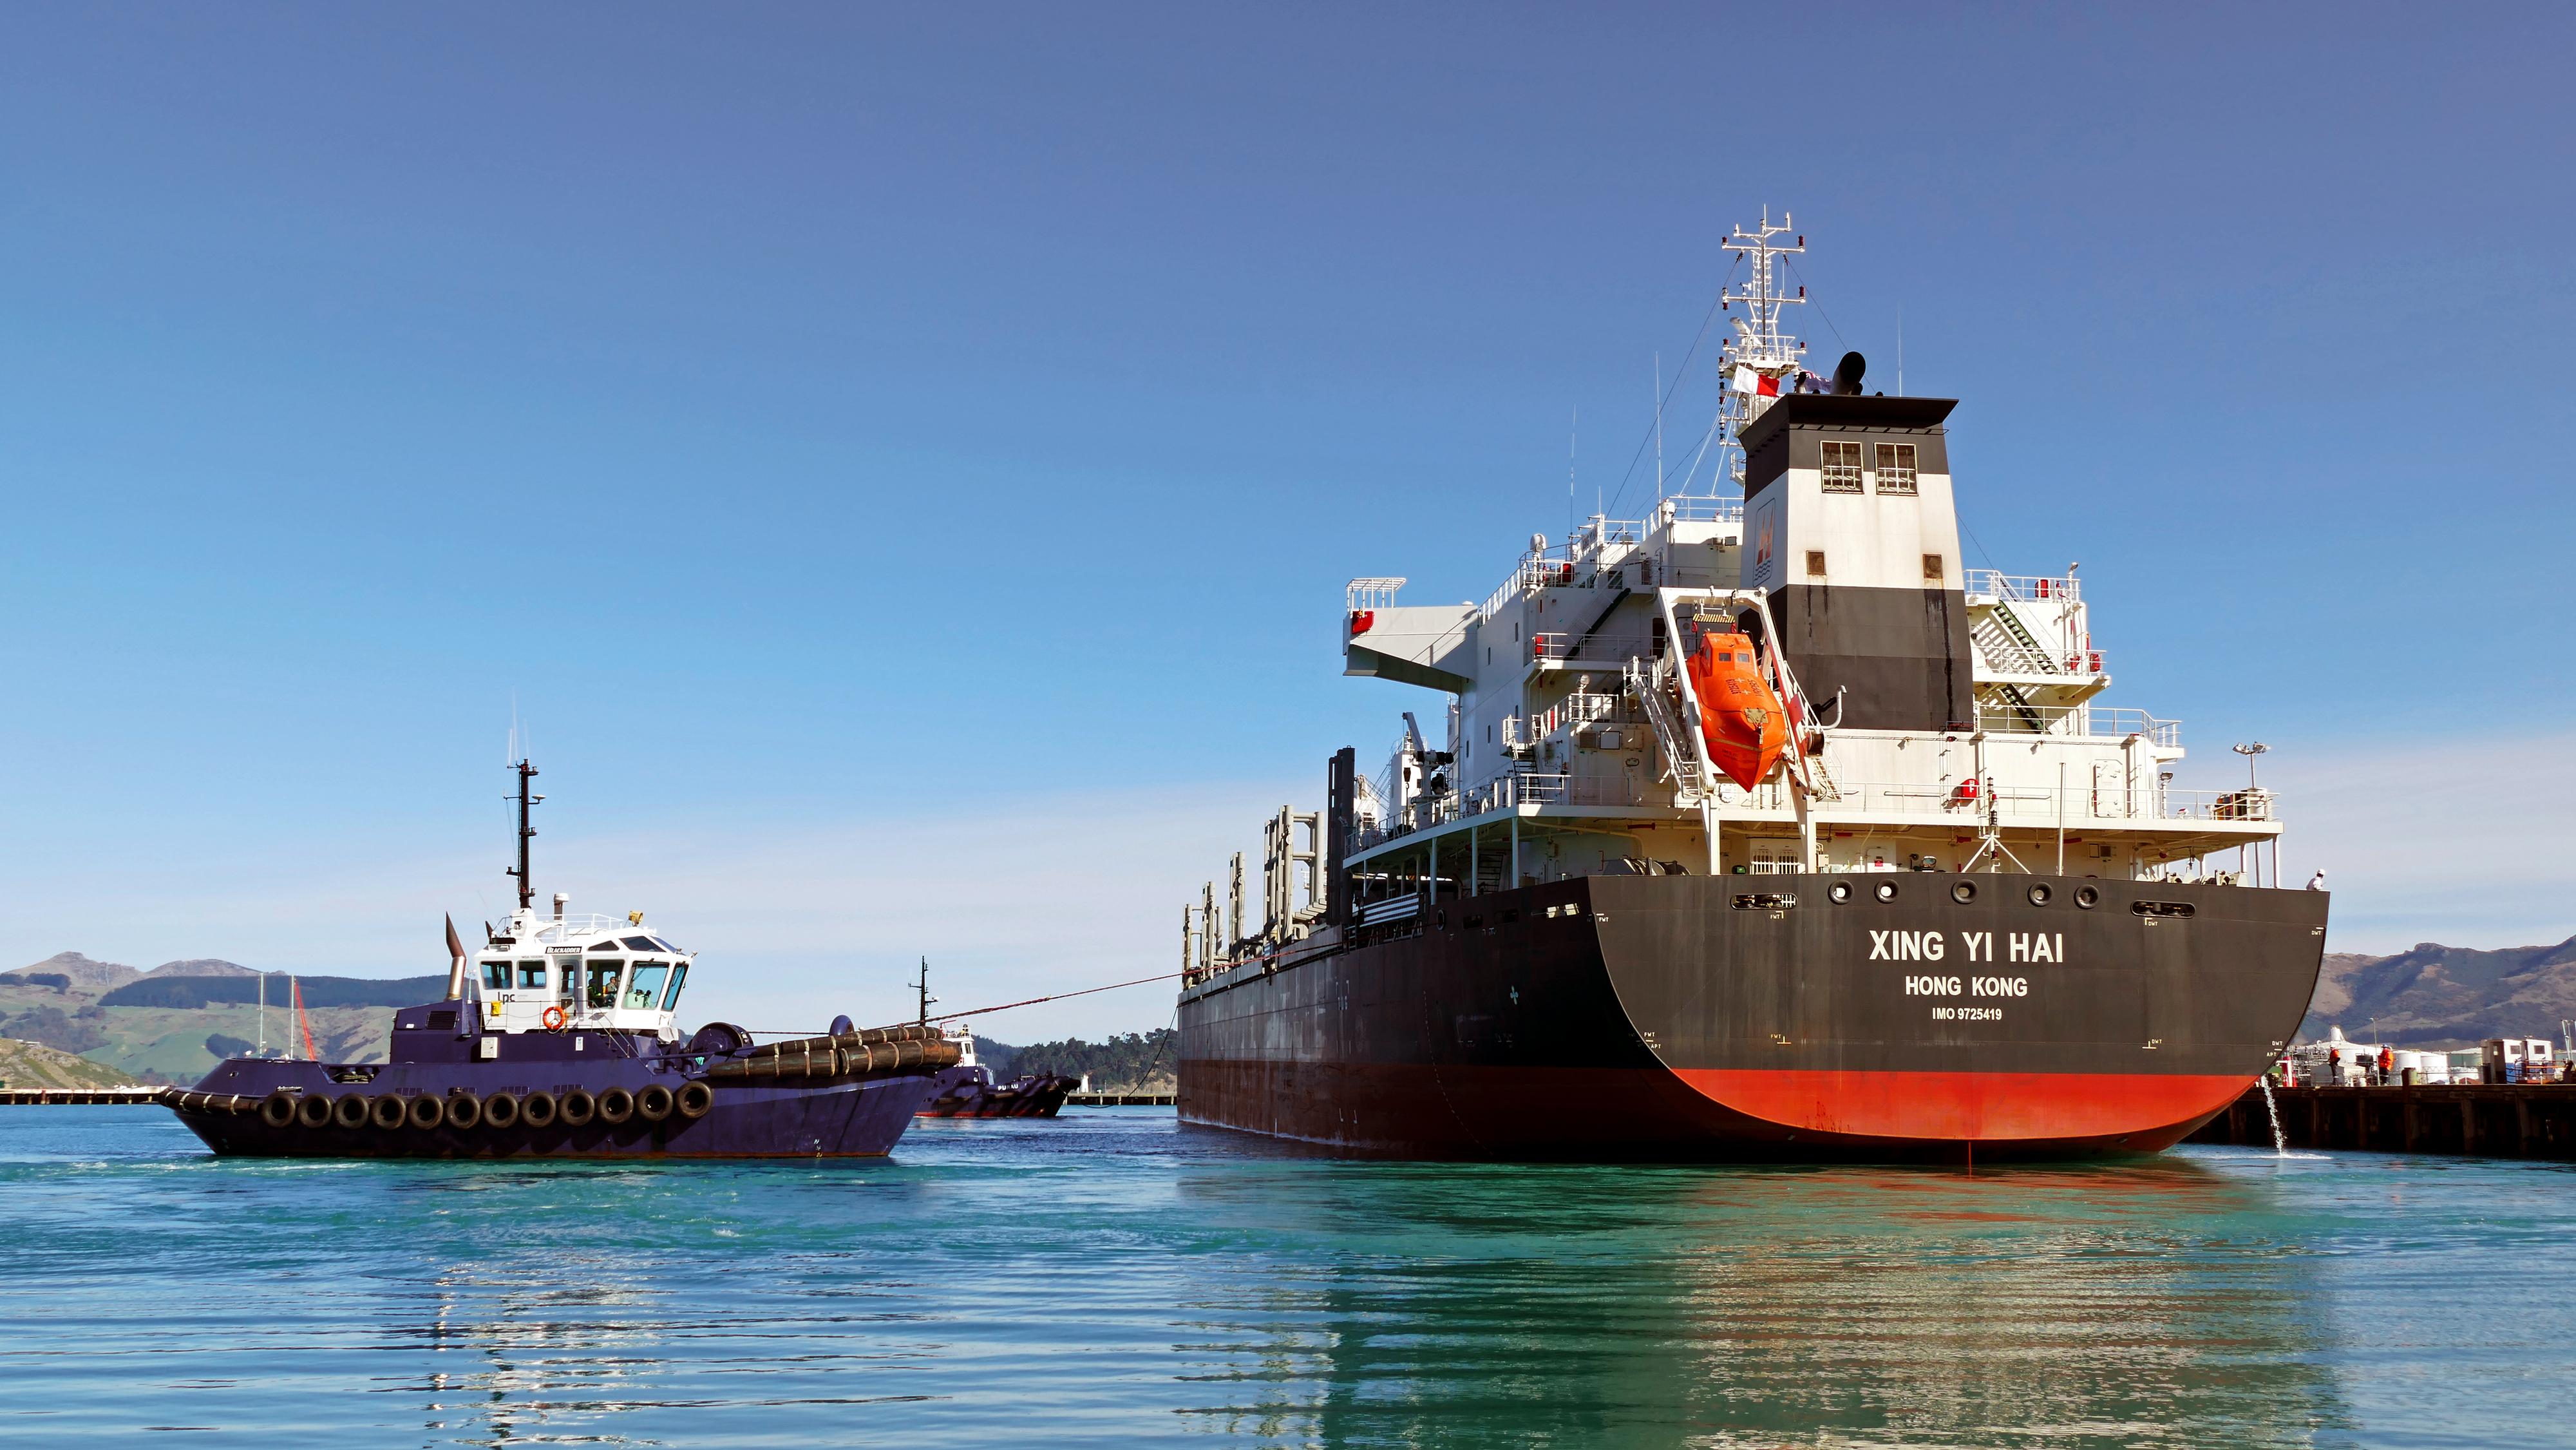 Xing yi hai.timber carrier photo